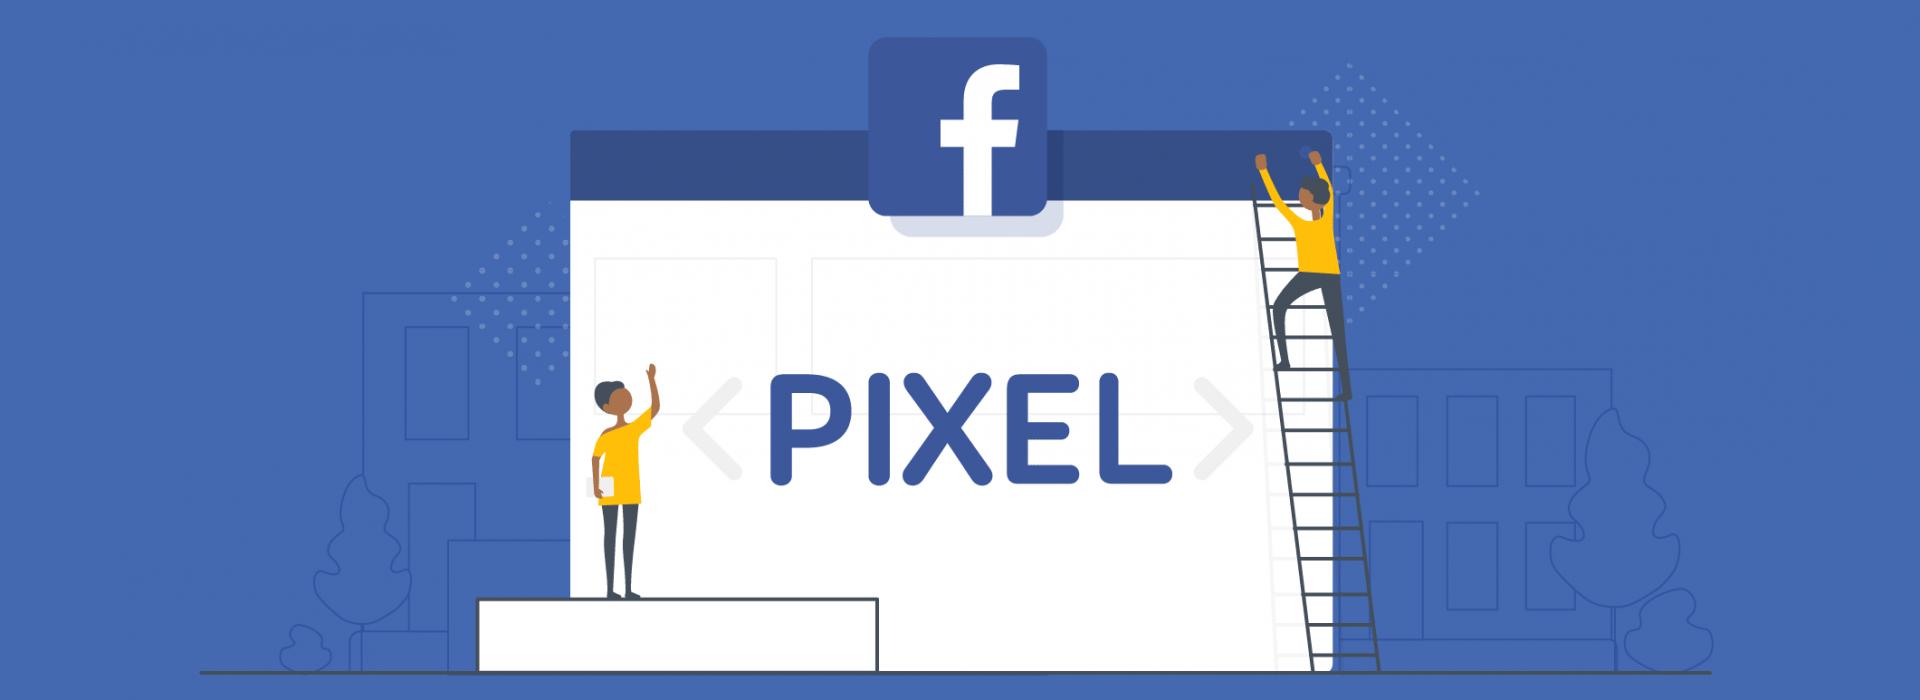 Piksel Facebooka - co to jest, do czego służy - wszystko na temat Pixel Facebooka